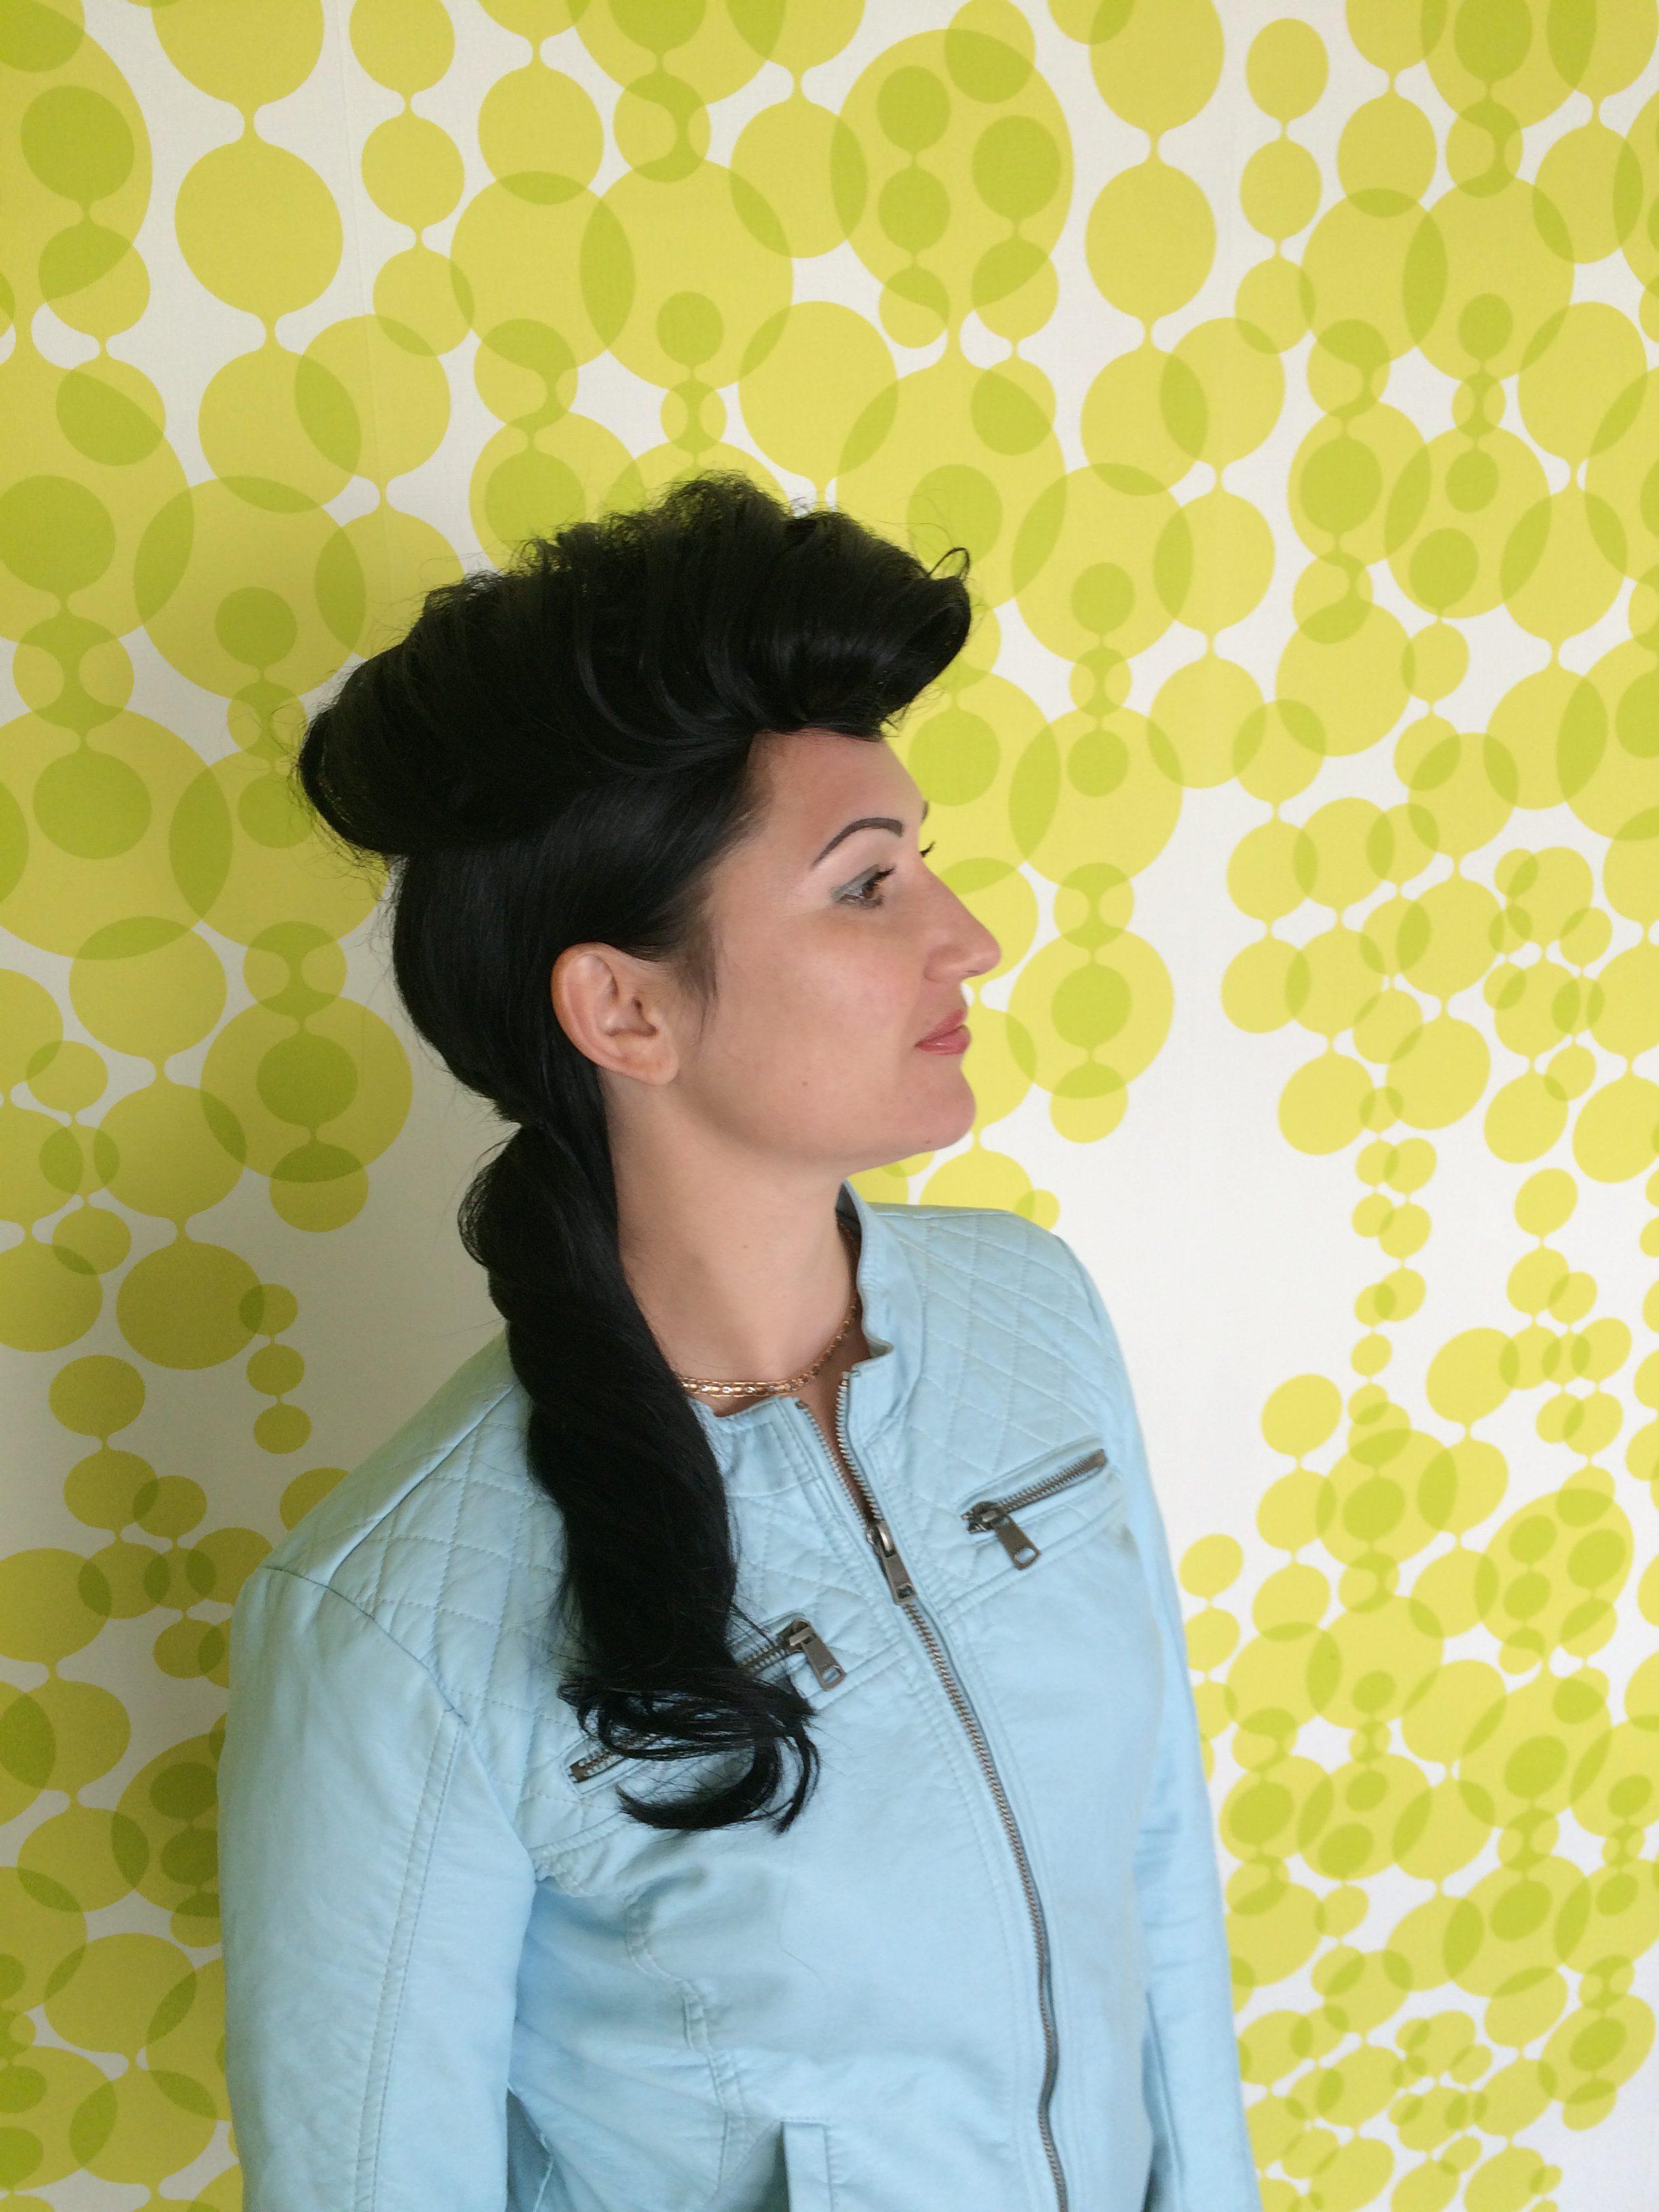 Friseur Coburg - Damenfrisur